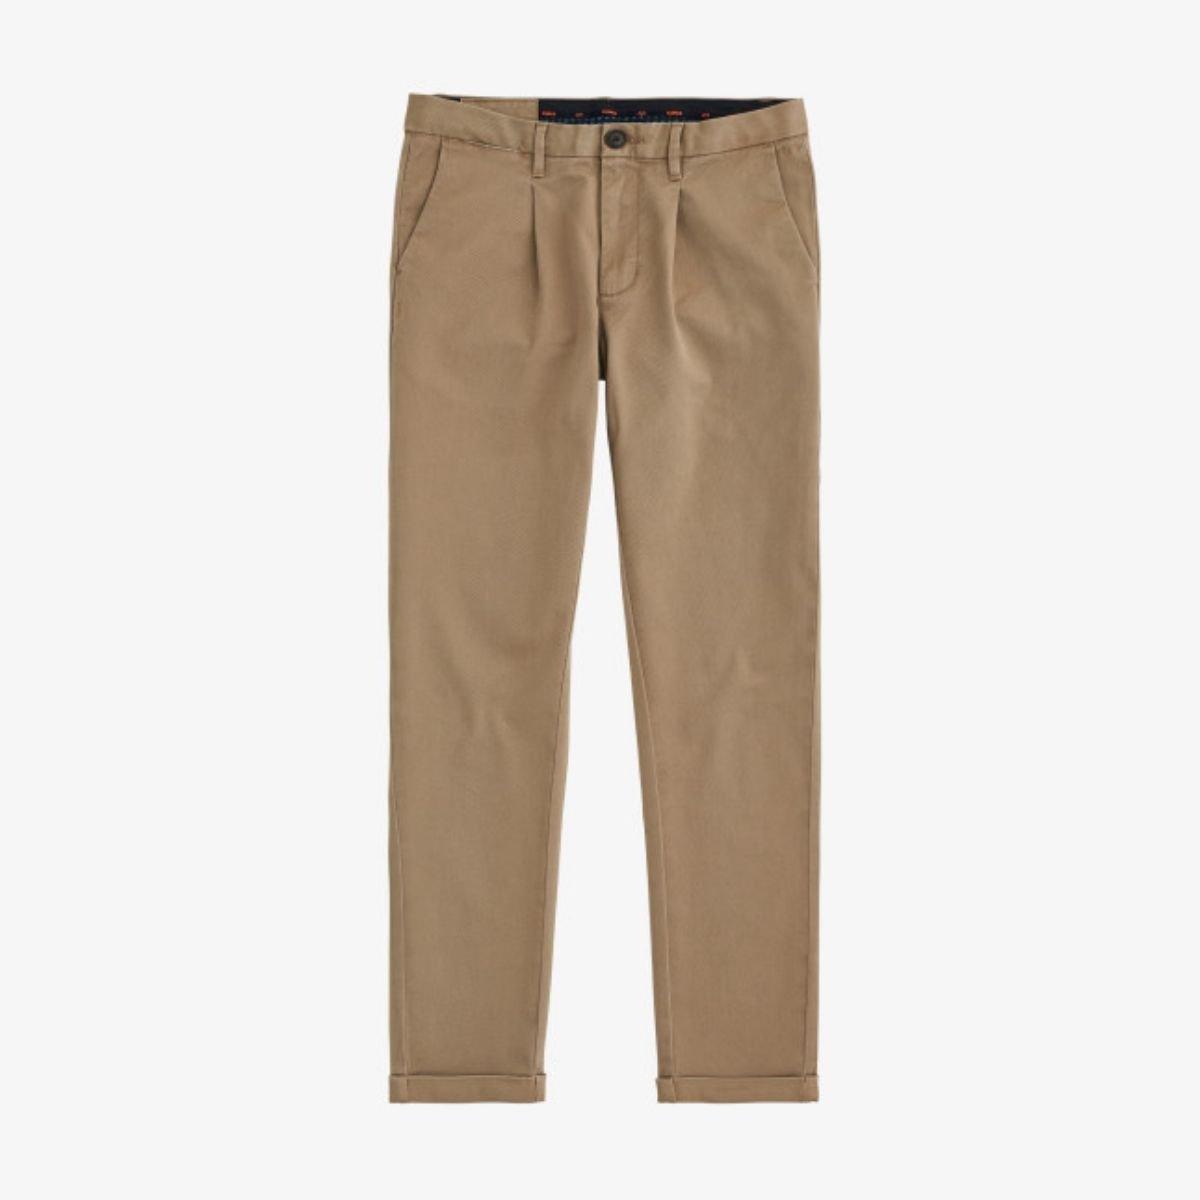 Pantalone SUN68 Chino Fold...